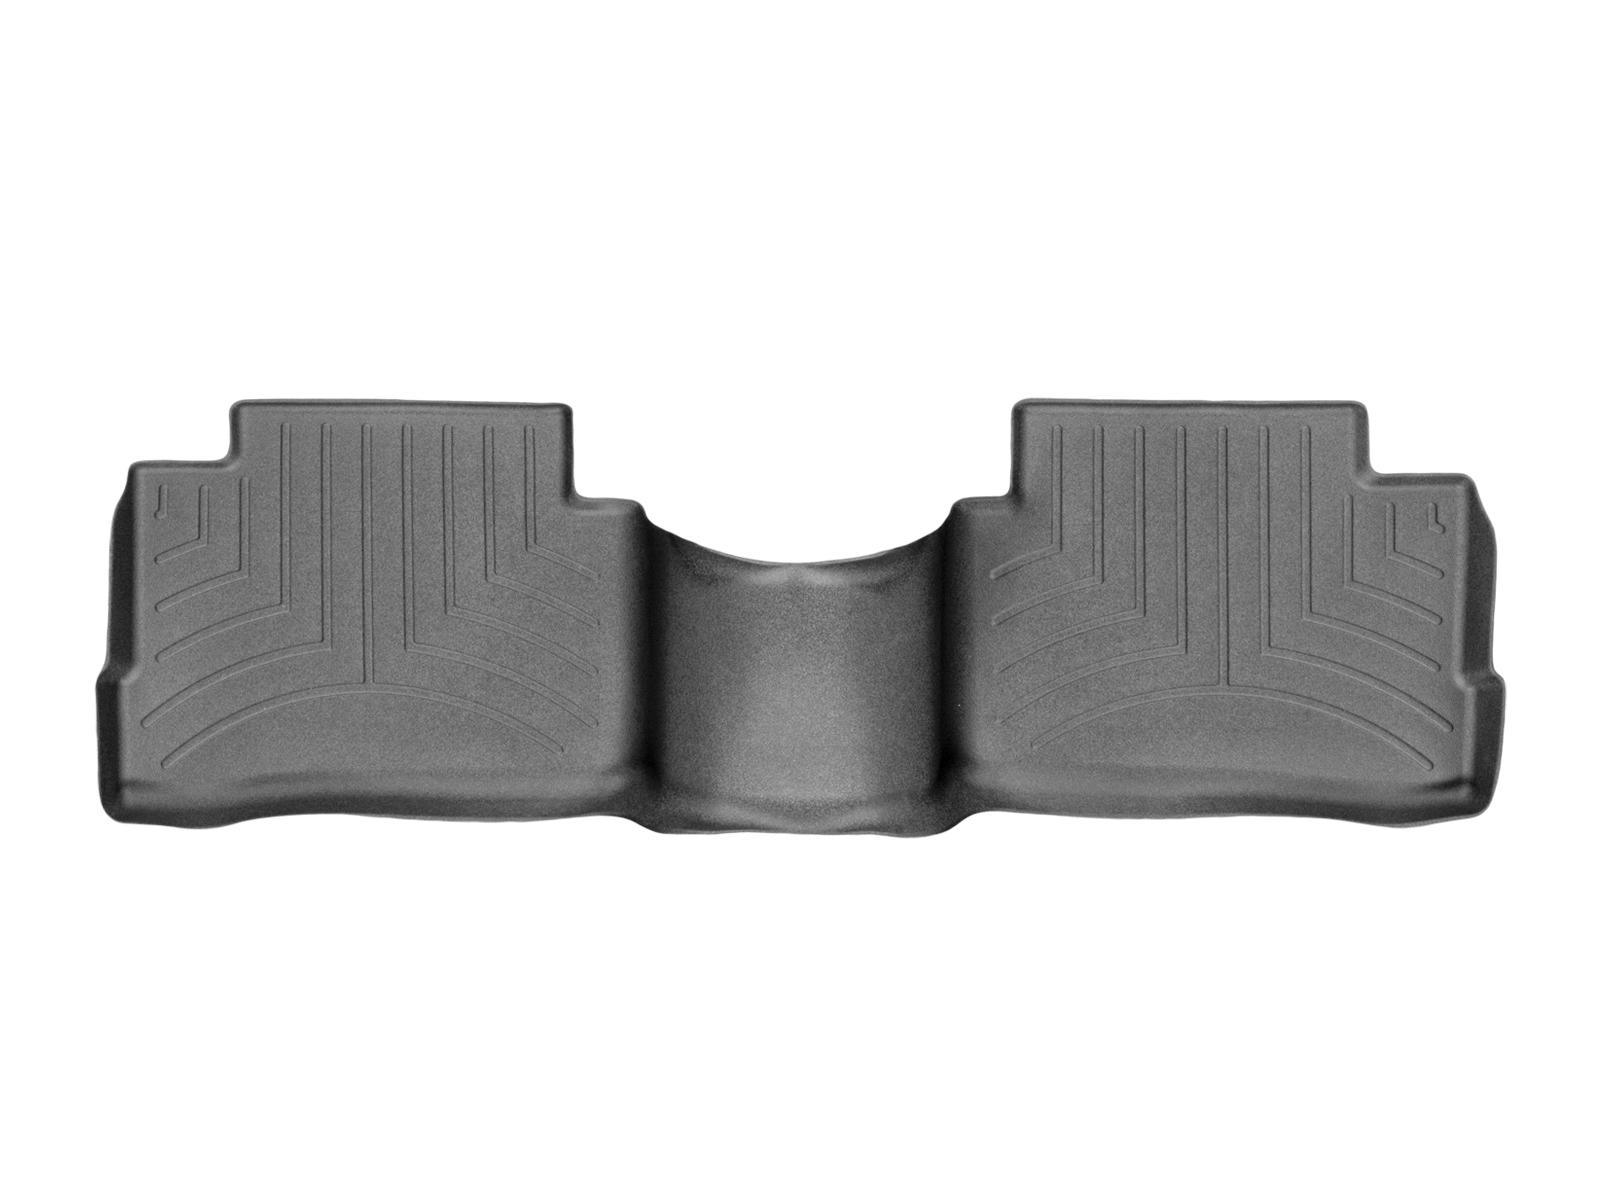 Tappeti gomma su misura bordo alto Nissan Qashqai 14>17 Nero A2918